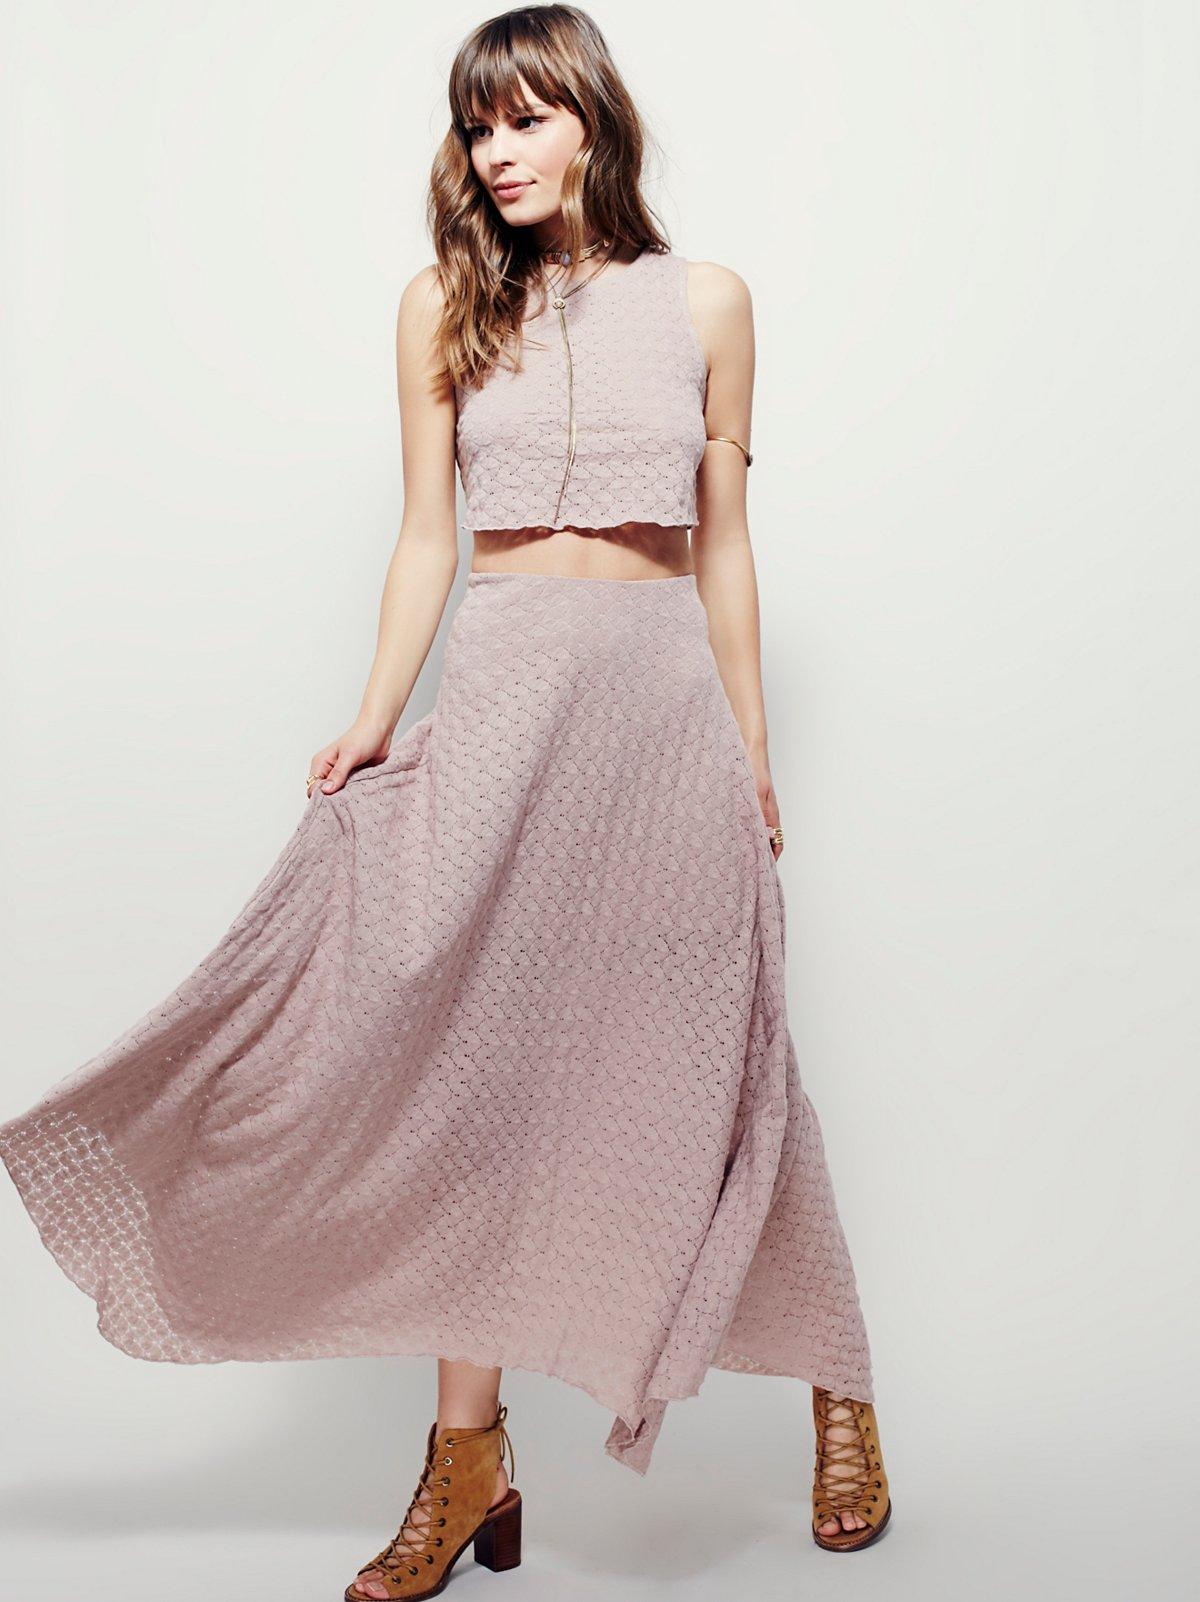 Caroline半身裙套装